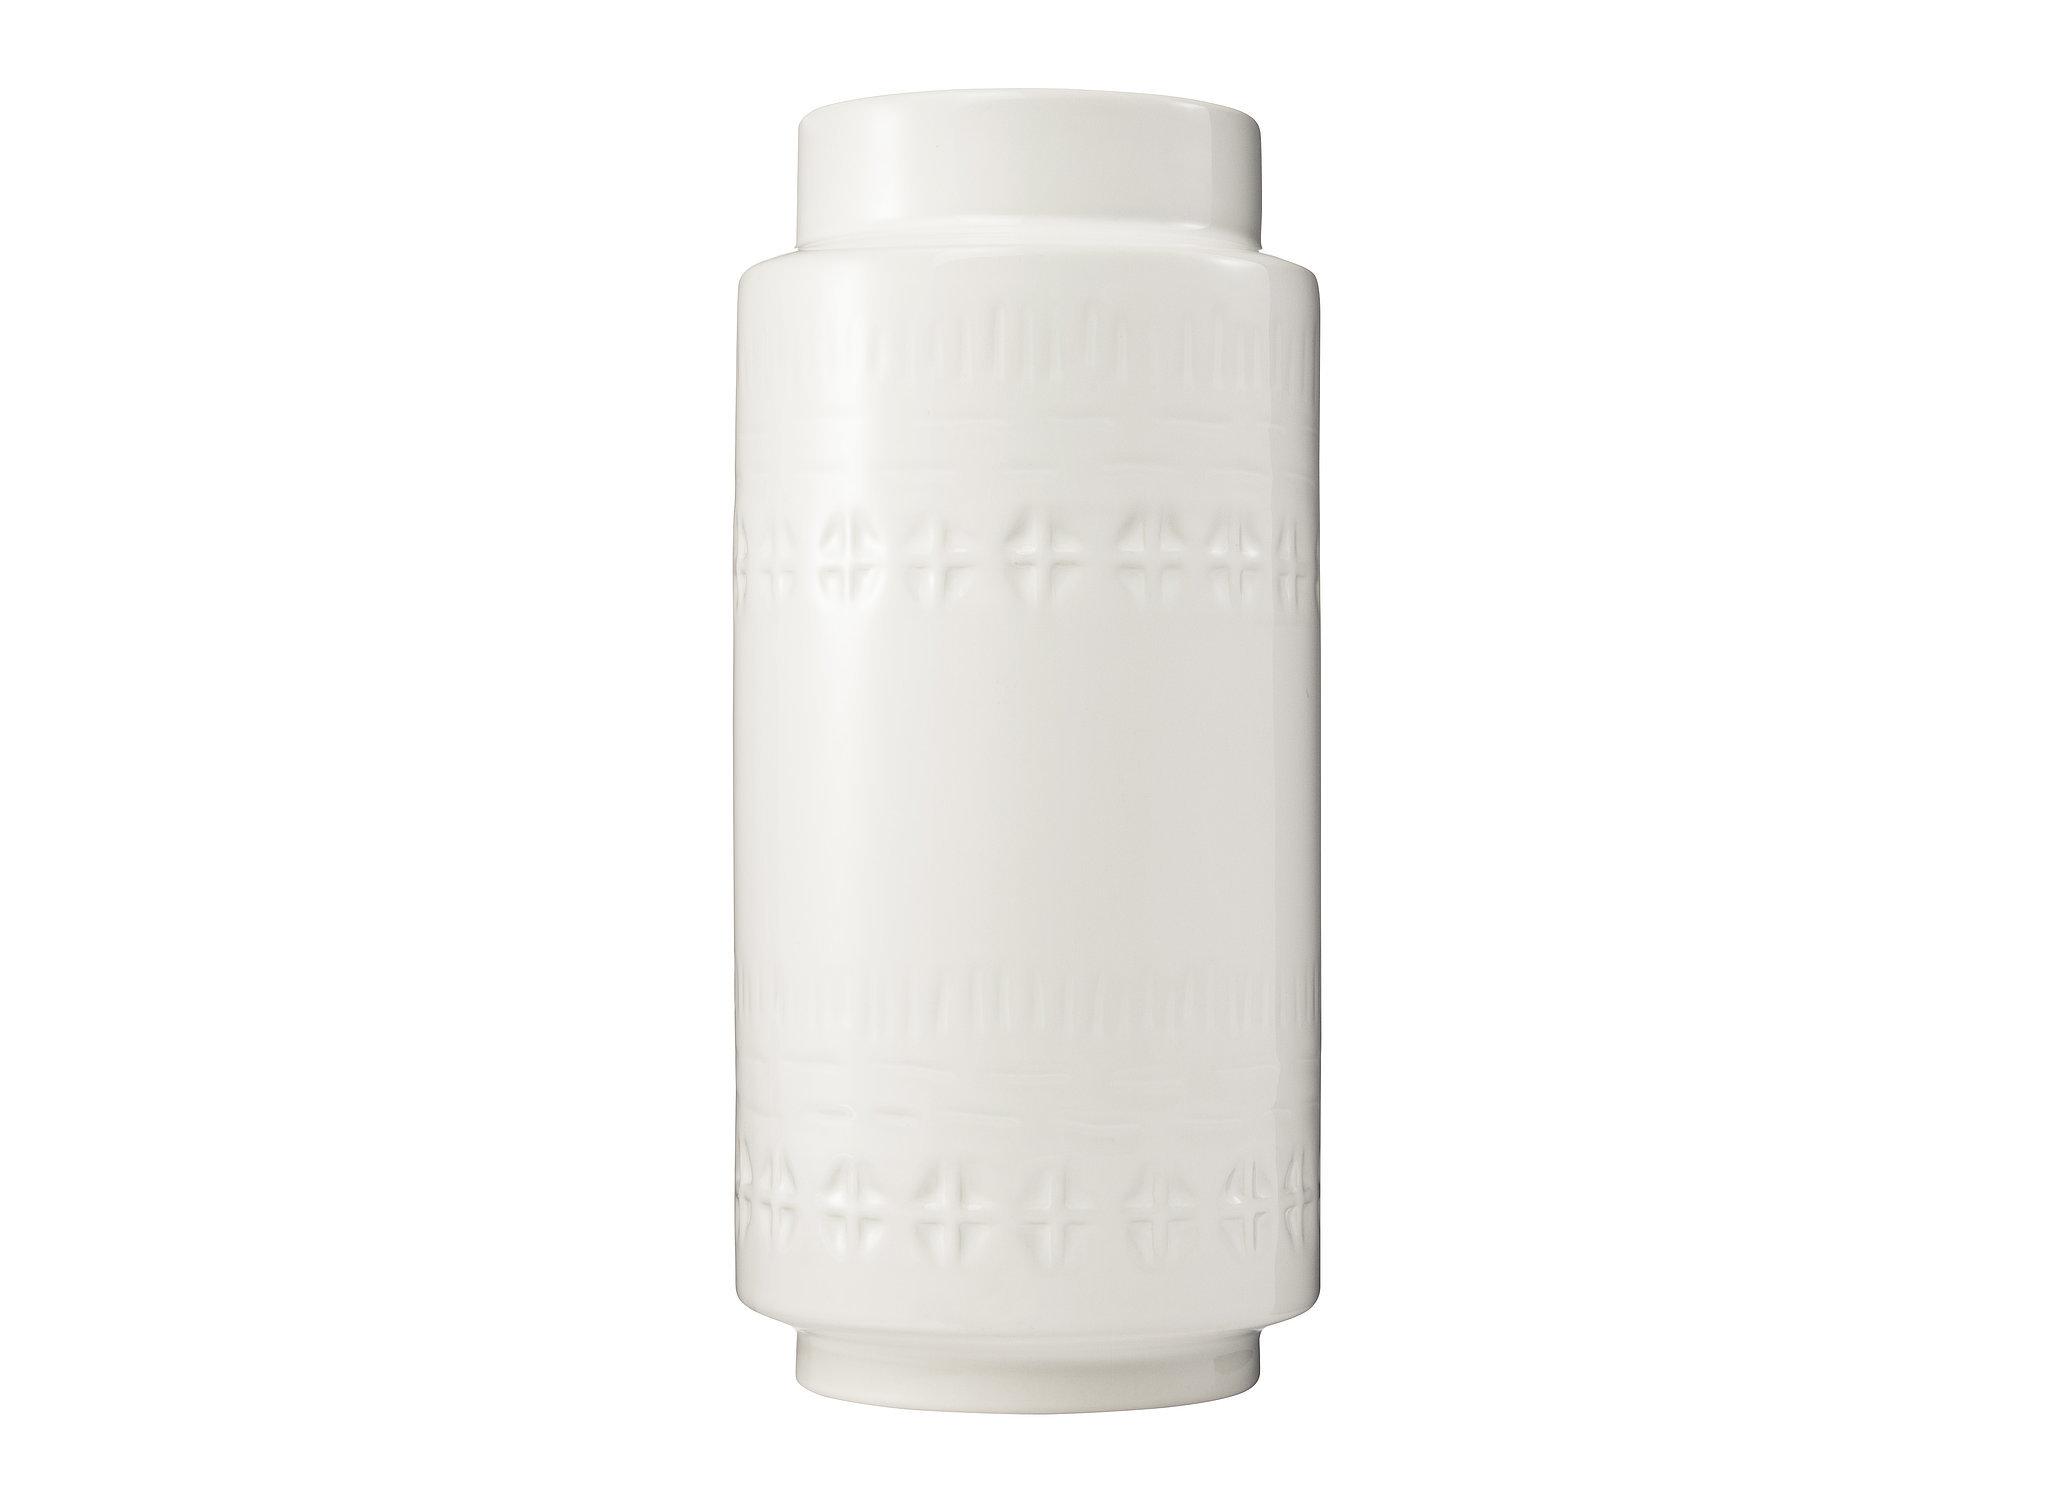 Stamped Vase ($15)